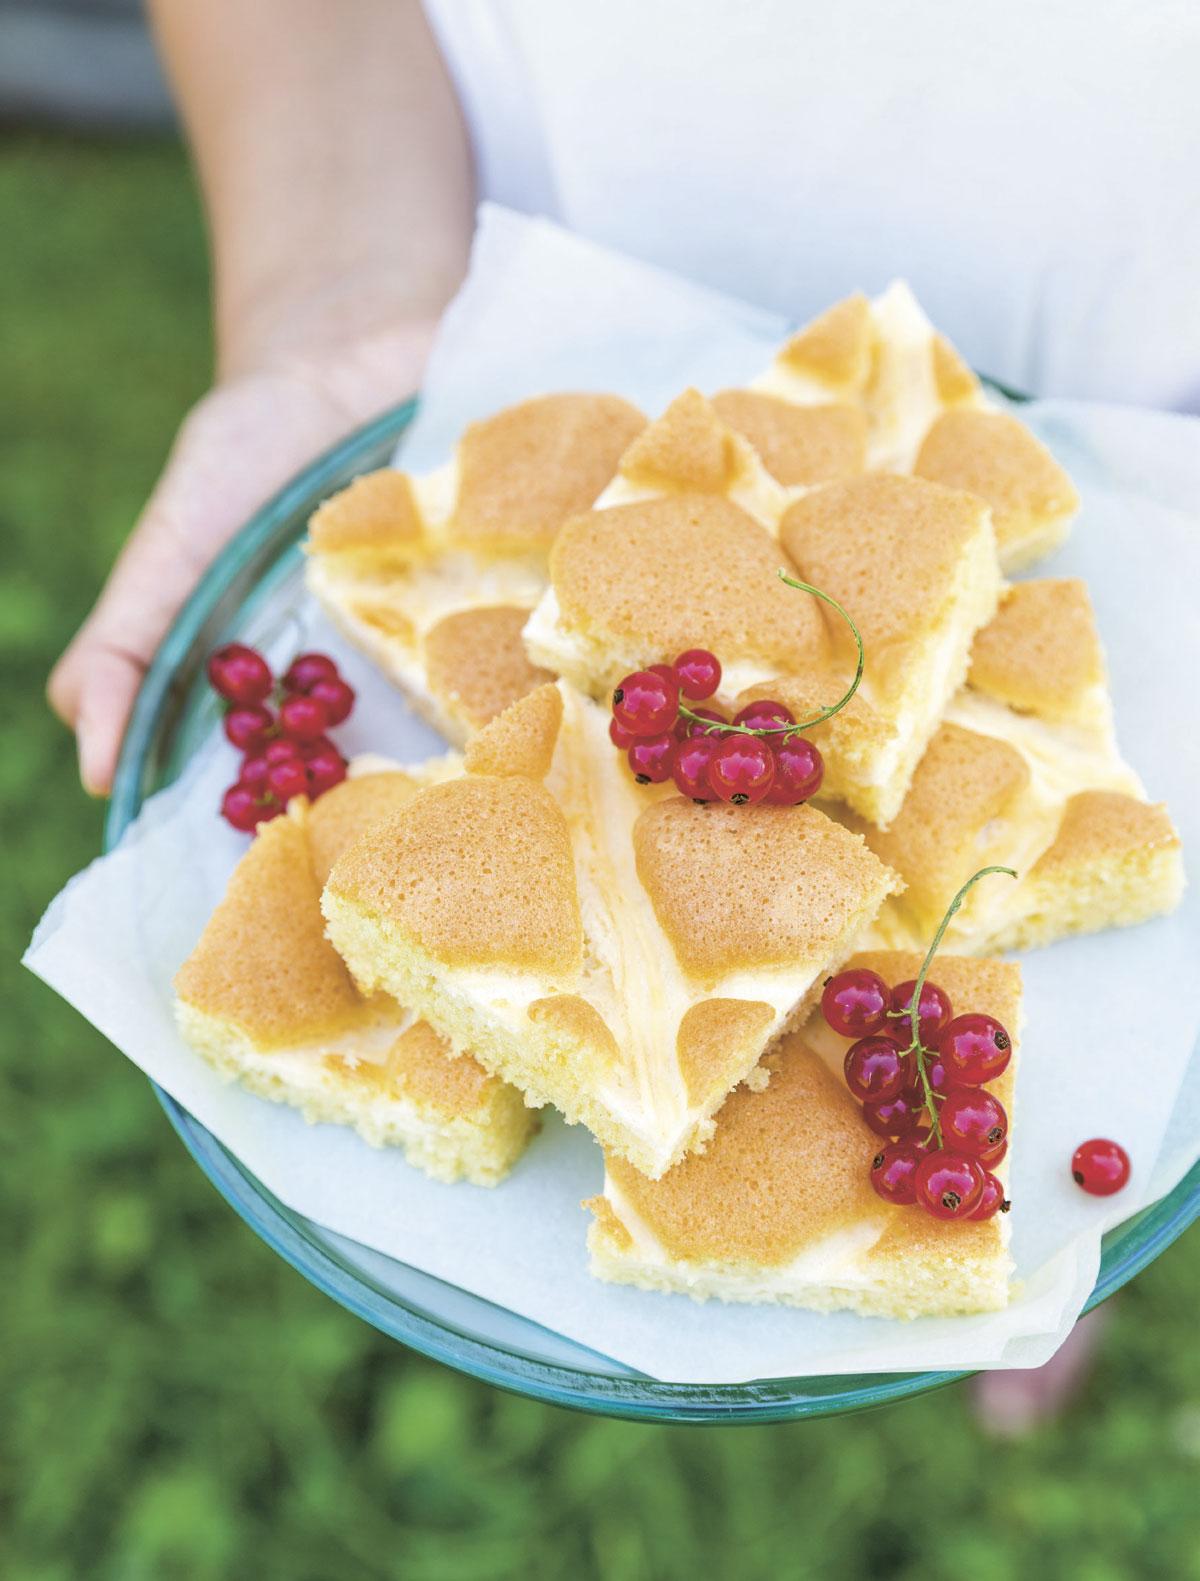 Bestseller Kuchen Backen Mit Christina Bucher Zum Thema Essen